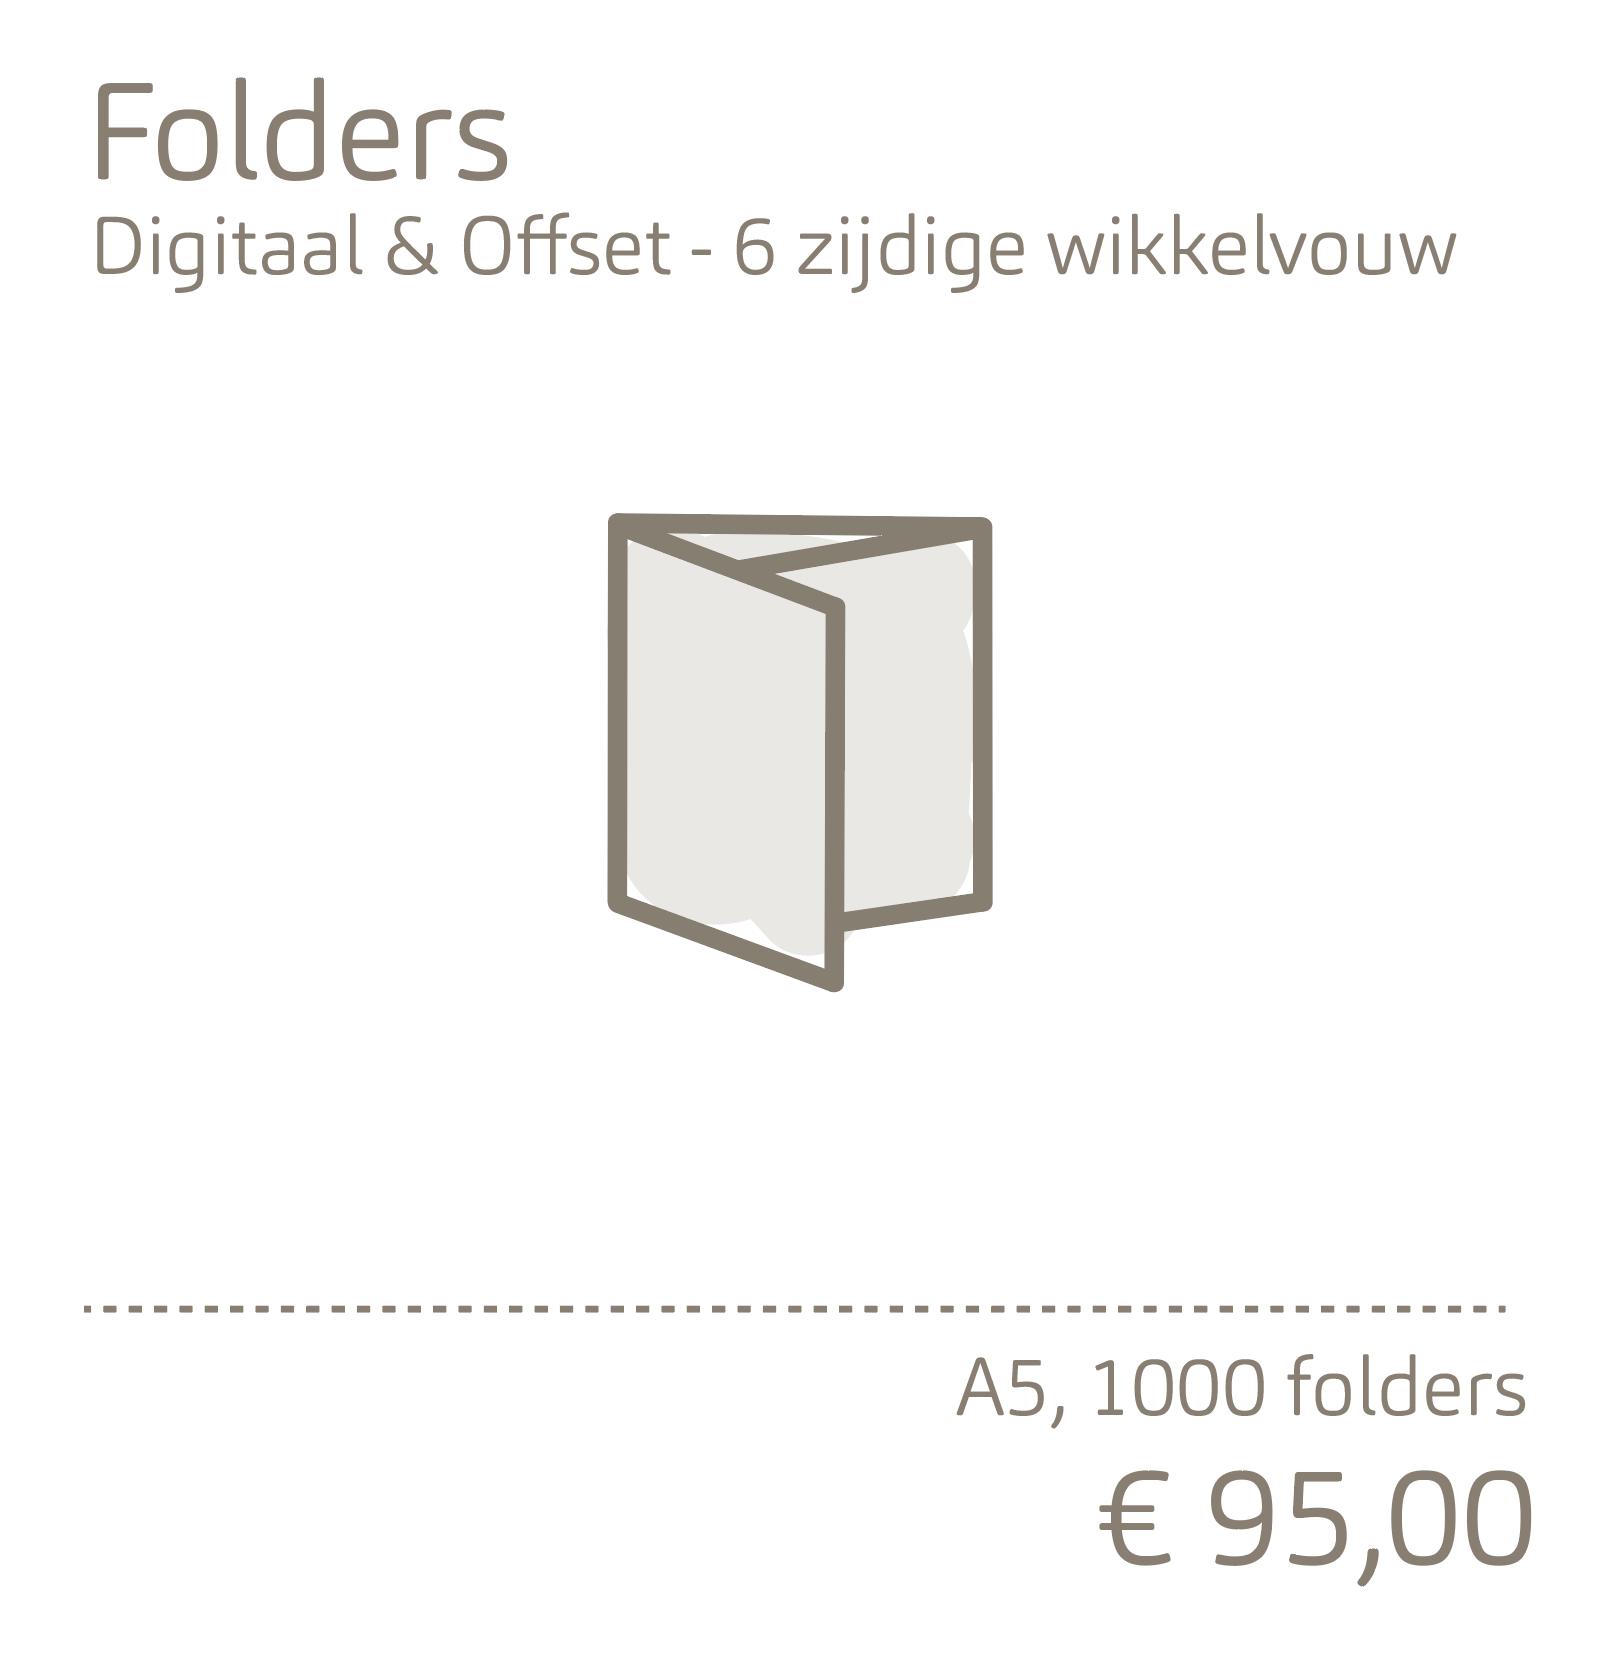 Folder-wikkelvouw